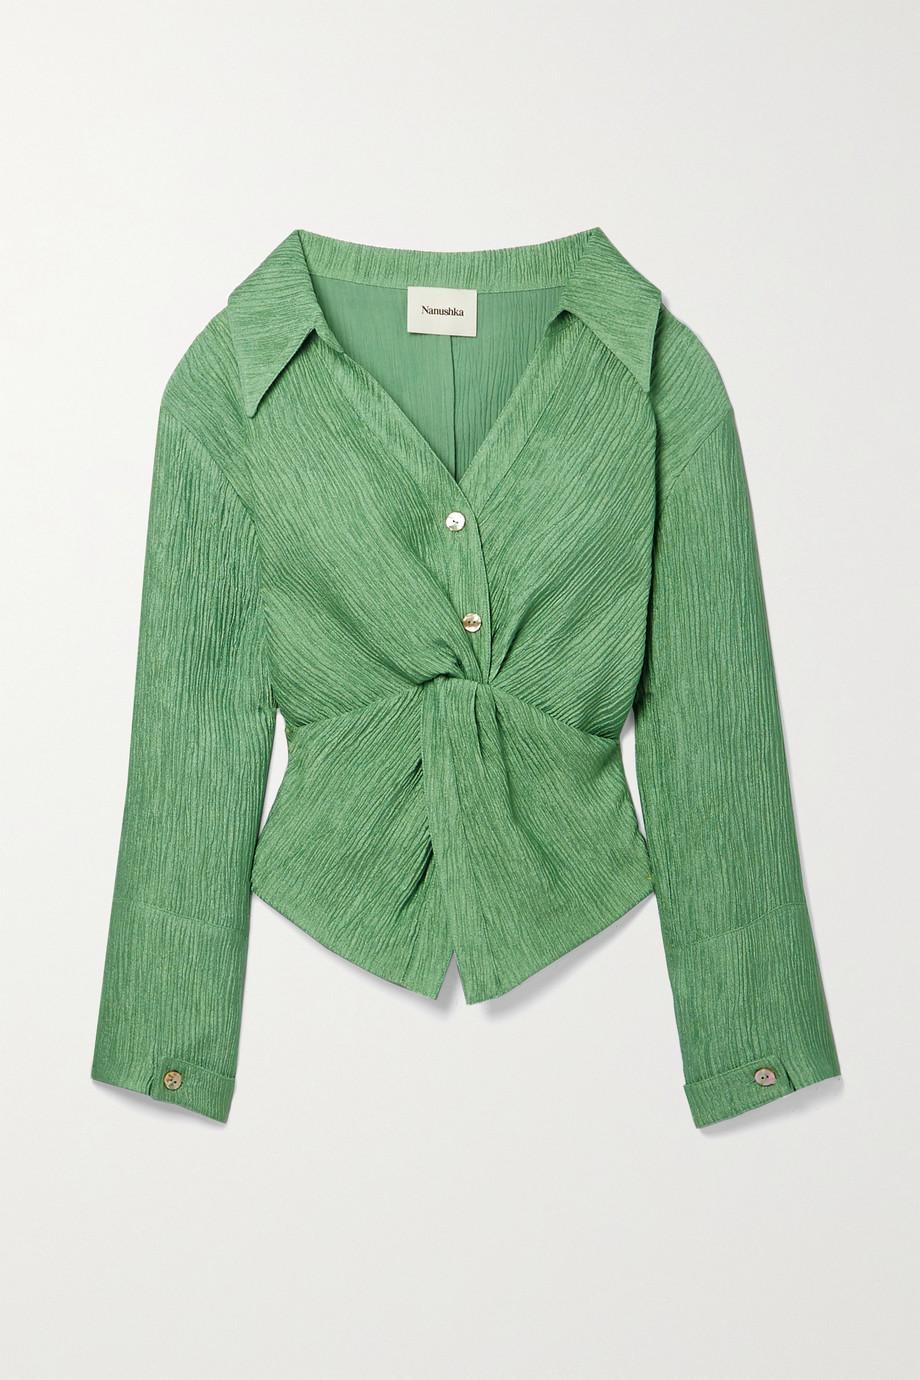 Nanushka Idris 正面拧绕式金属感细褶绉纱衬衫